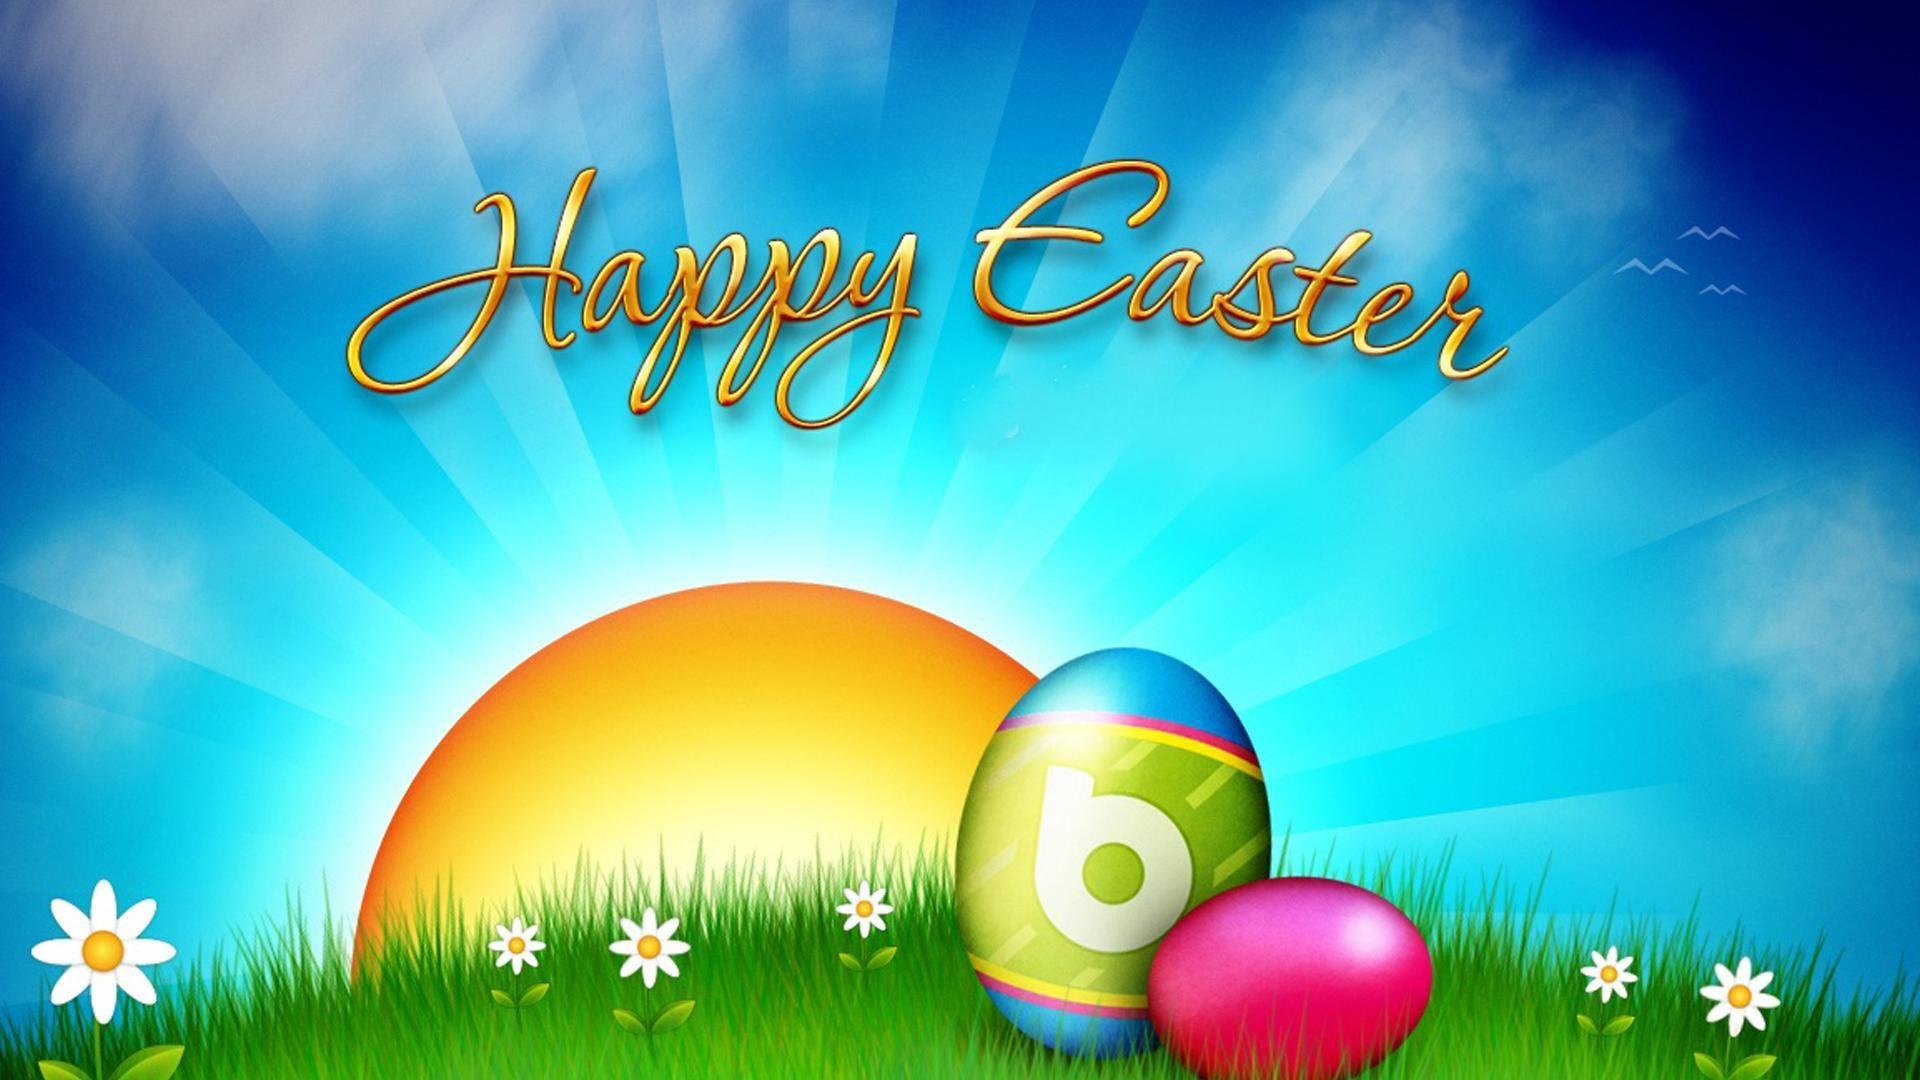 Easter EasterWallpaper HappyEaster EasterImages Educational 1920x1080